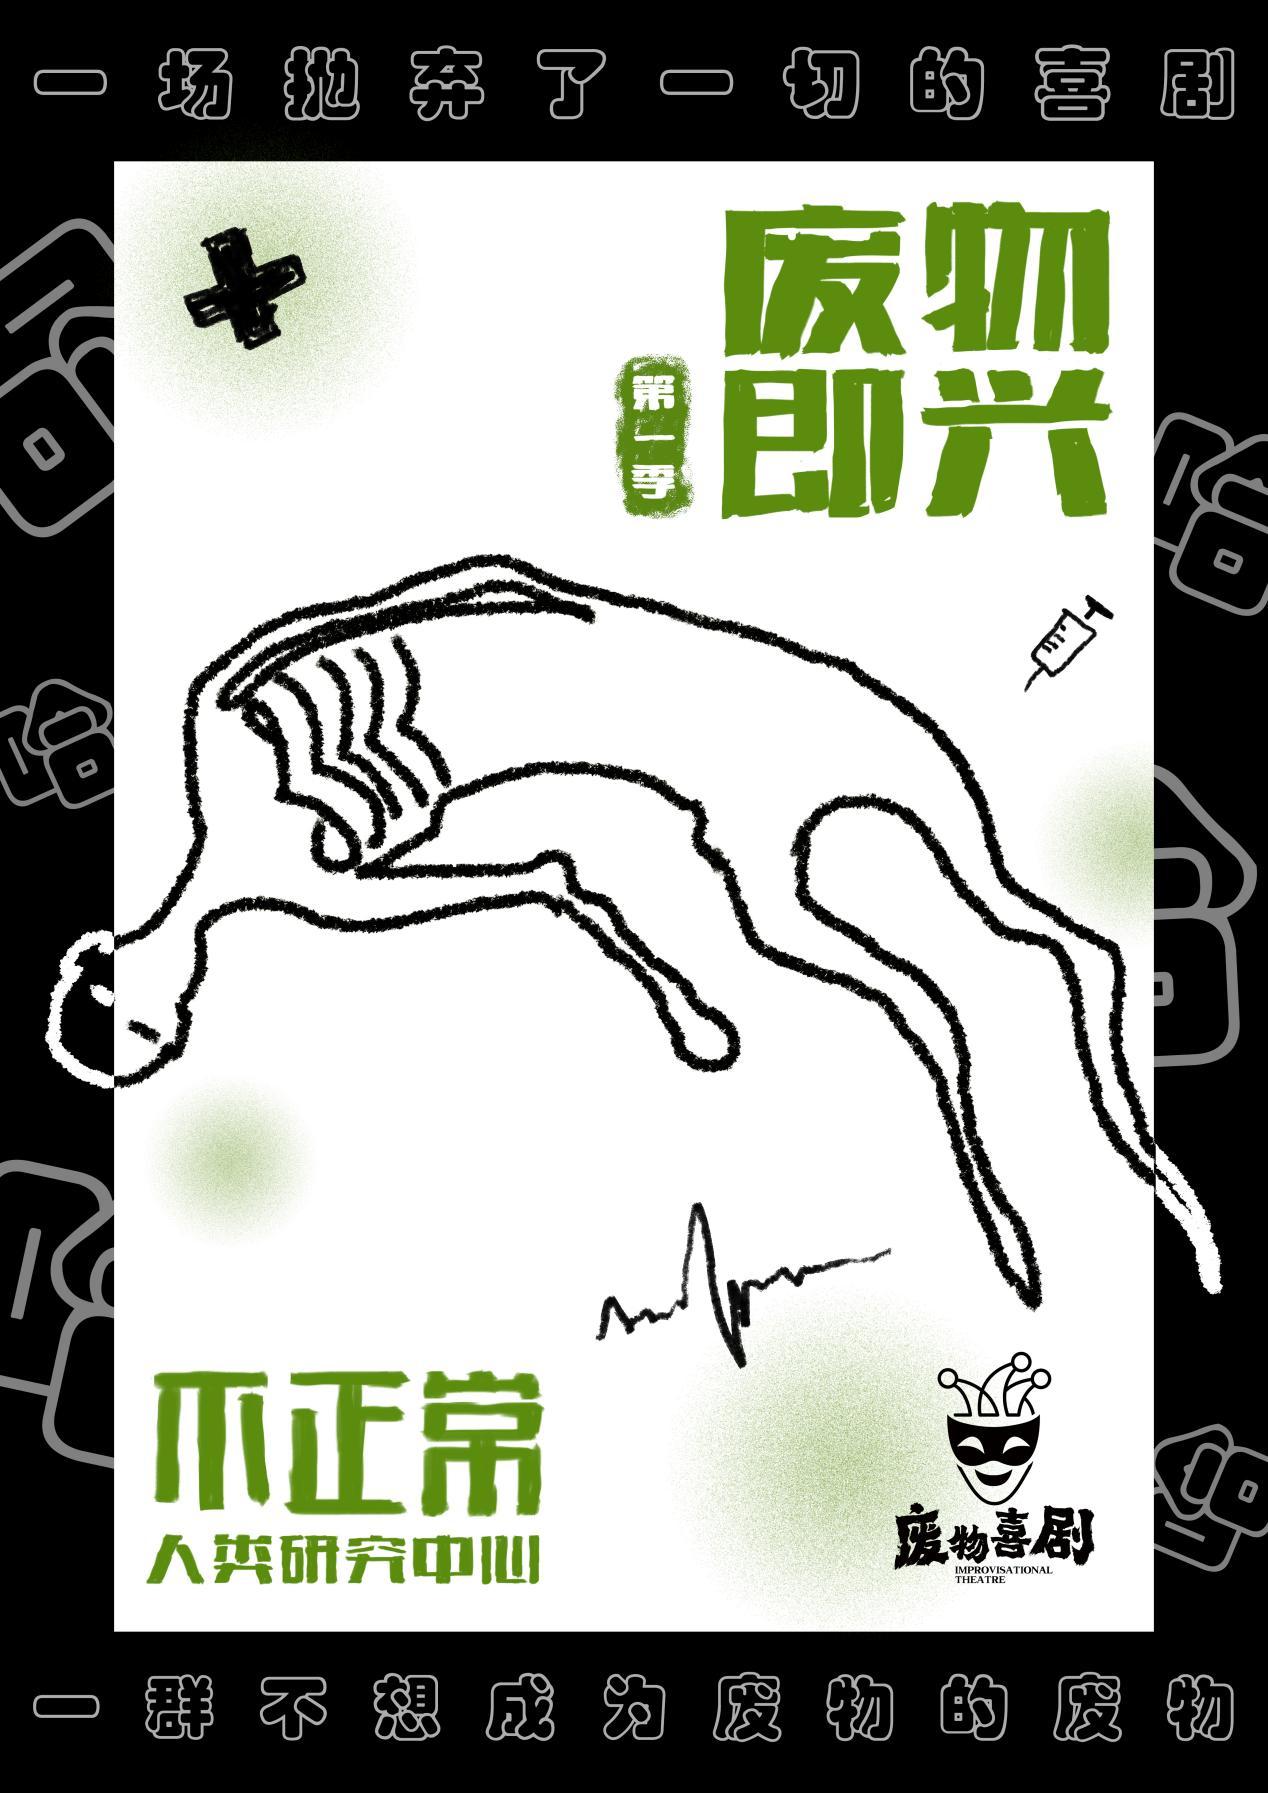 【重庆】废物喜剧《不正常人类研究中心》